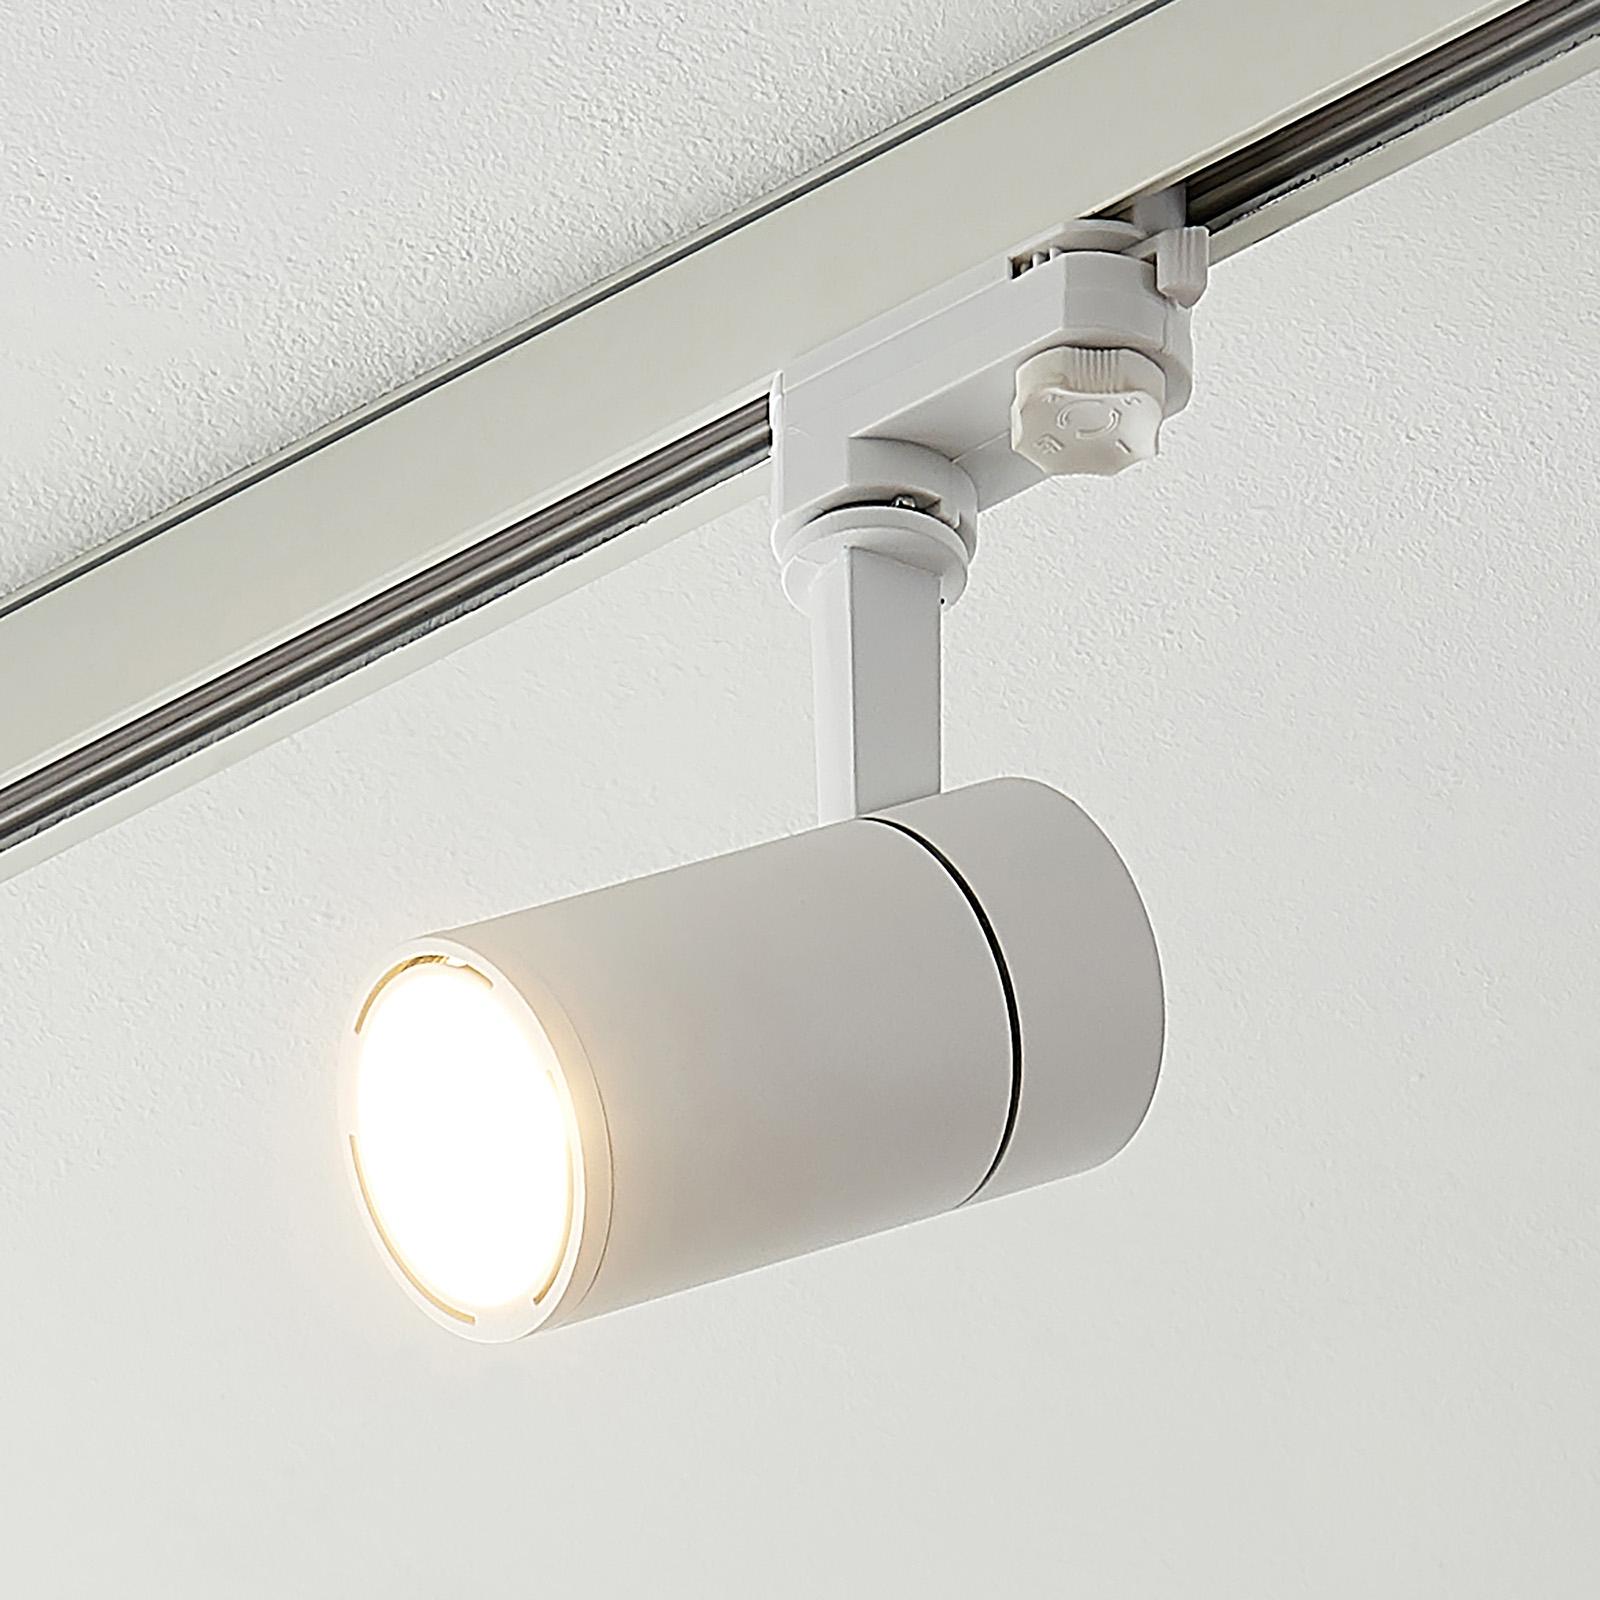 Arcchio Cady LED-Schienenstrahler, weiß 36° 12W